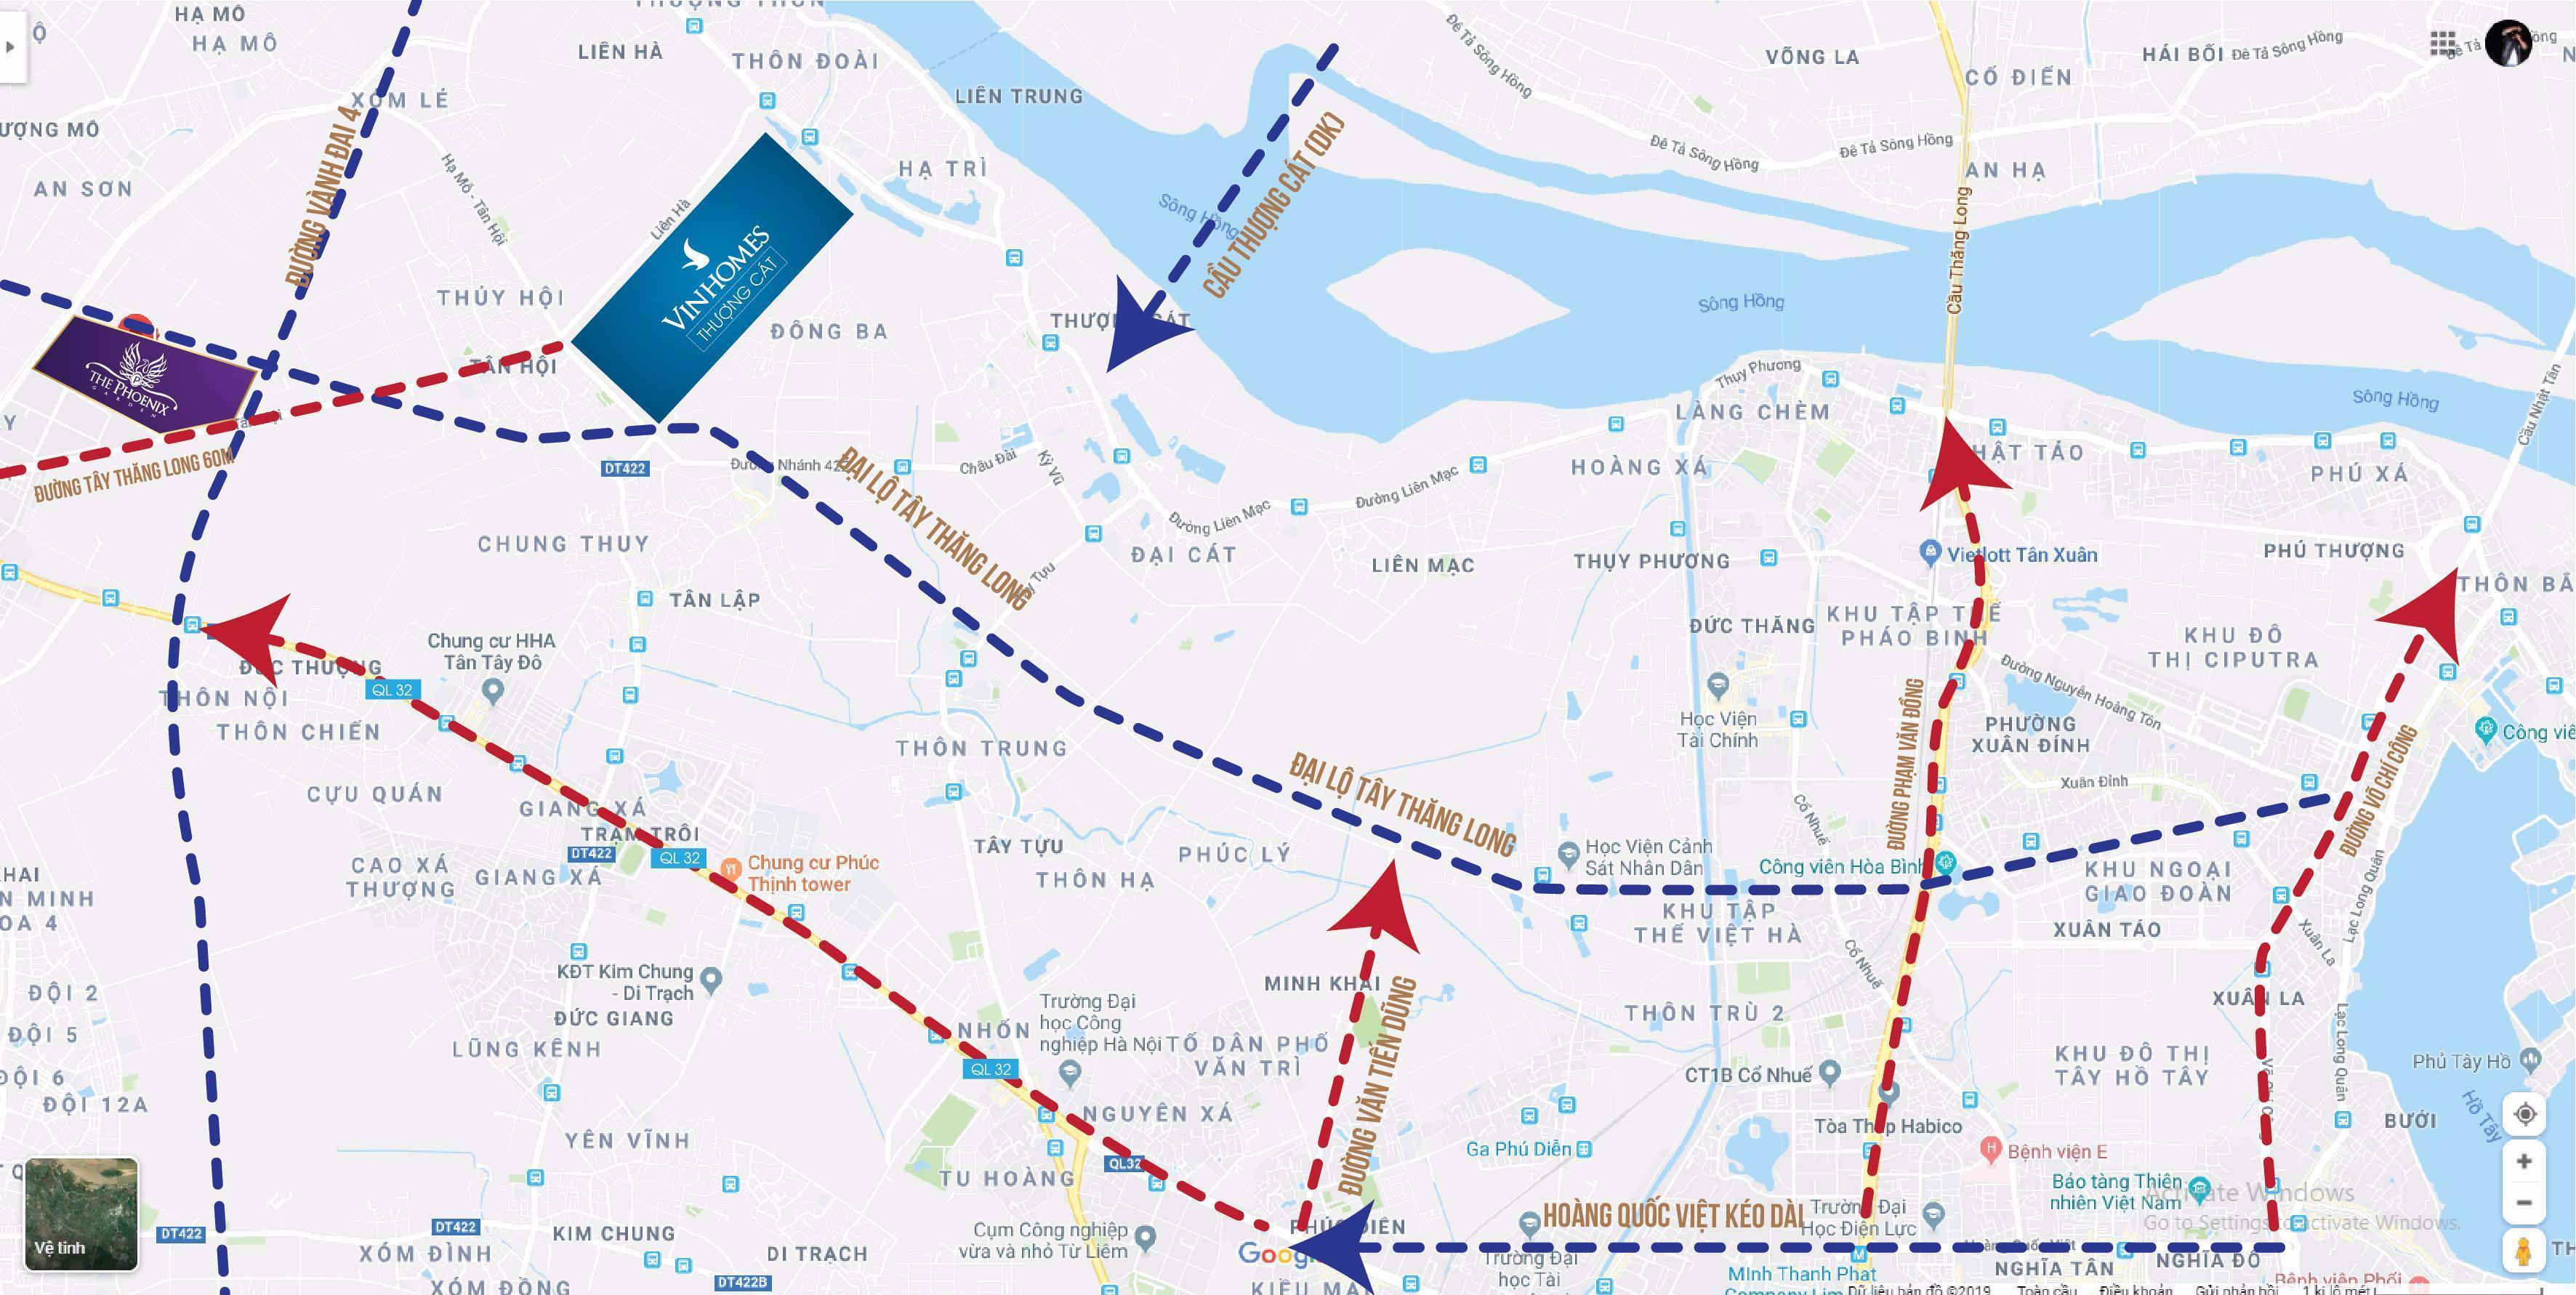 Quy hoạch hạ tầng giao thông huyện Đan Phượng